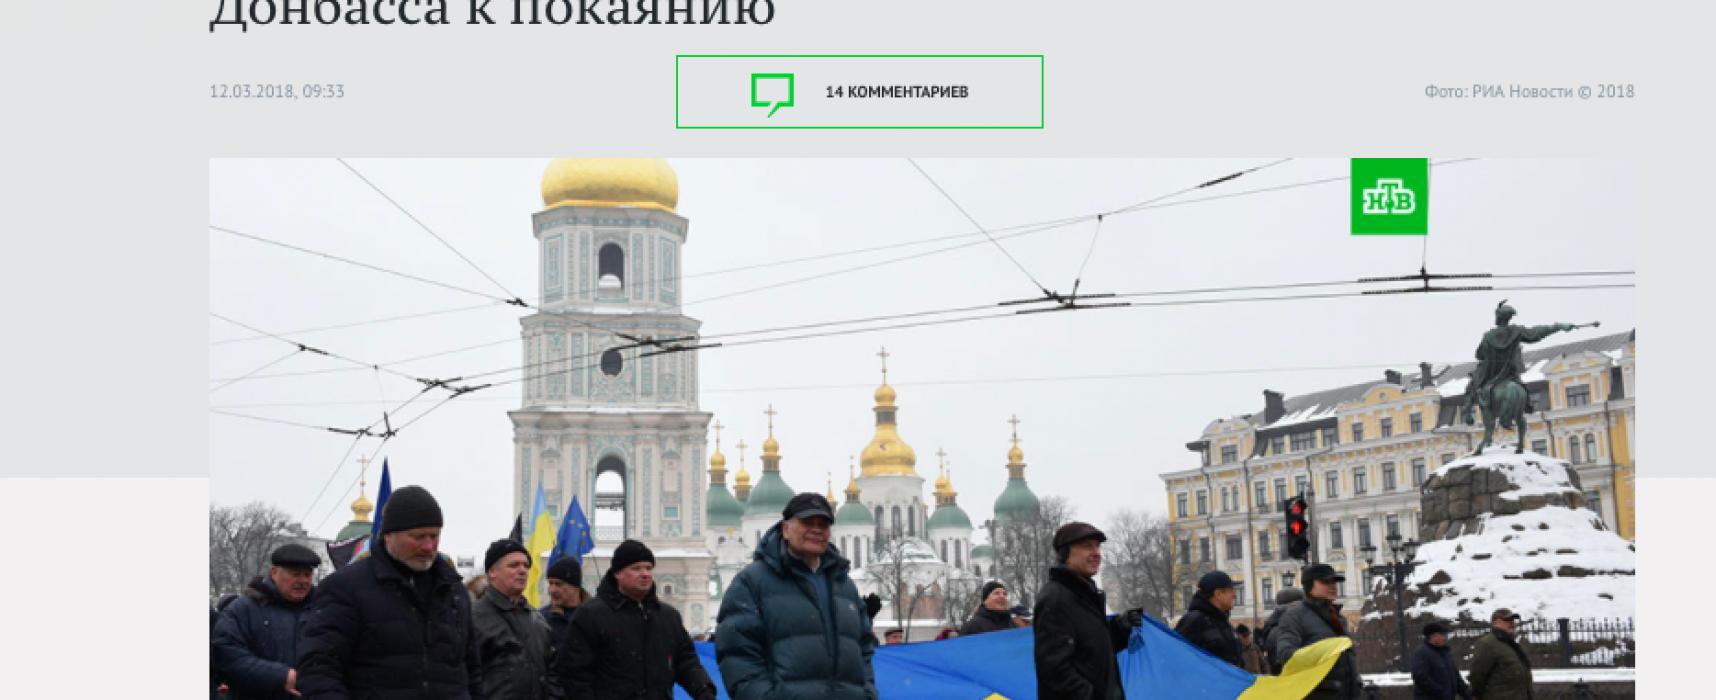 Fake: Ukraine zwingt gesamte Bevölkerung der Krim und des Donbas dazu Reue zu zeigen